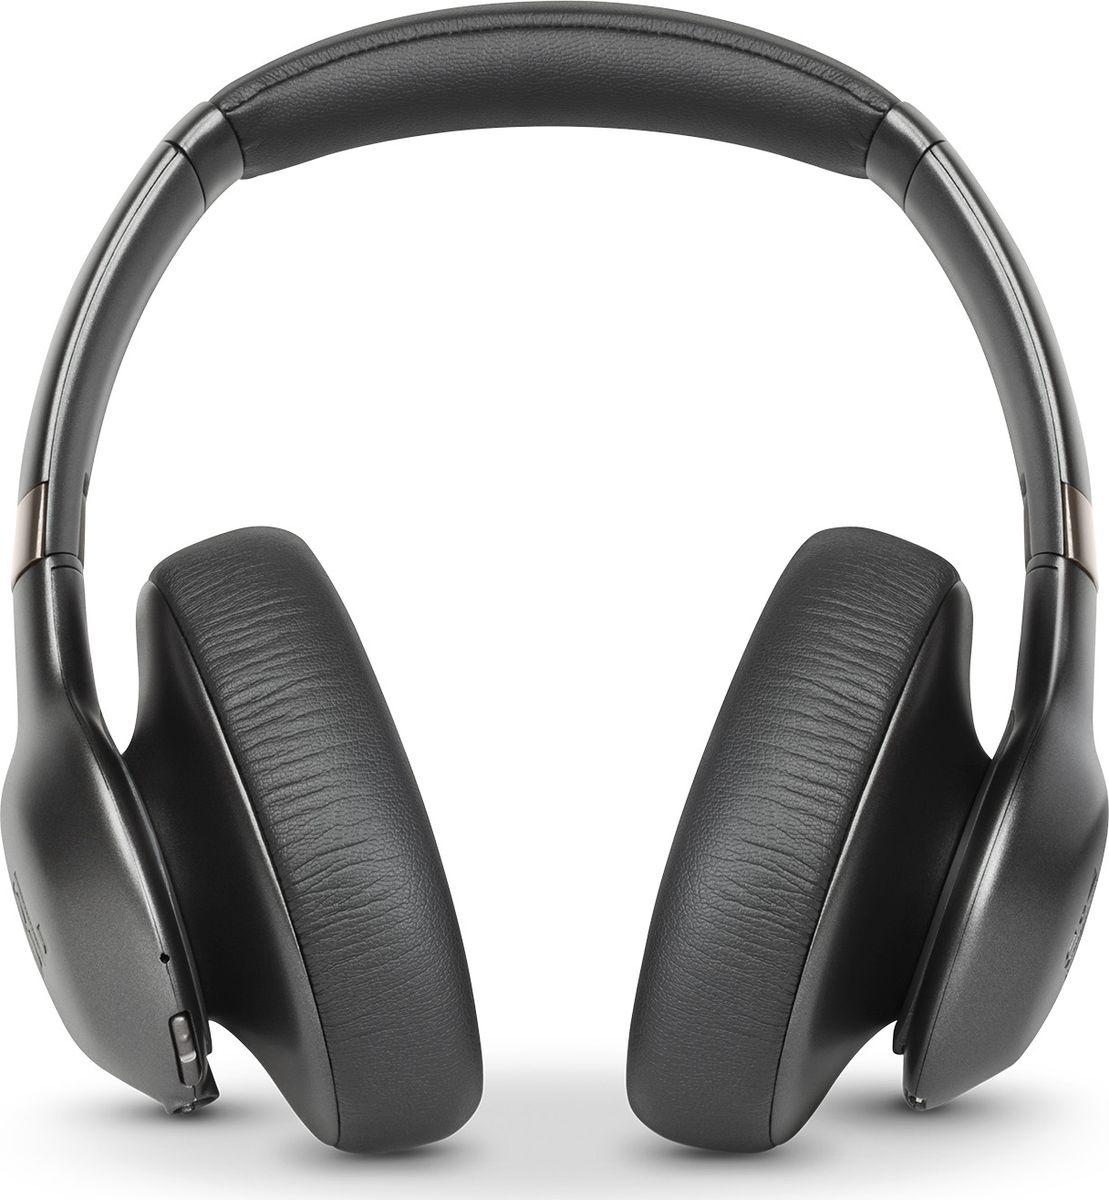 JBL Everest Elite 750NC, Gun Metal наушникиJBLV750NXTGMLНаушники с тщательно продуманной конструкцией предоставляют до 20часов удовольствия от прослушивания без проводов на одной зарядке. В режиме активного шумоподавления (ANC), позволяющем выбирать, какие именно шумы необходимо подавлять, наушники работают до 15 часов. Быстрая 3-часовая зарядка, микрофон с функцией эхоподавления для звонков в режиме «hands-free», легендарное качество звука JBL Pro, компактный чехол для переноски и удобство при складывании делают эти наушники идеальными для путешествий. Созданные из материалов премиумкласса и выполненные в металлических оттенках, эти элегантные наушники предназначены для плотной посадки и долговременного удобства прослушивания. Приложение My JBL Headphones позволяет пользователям загружать обновления для наушников, а также включает функцию автоматической калибровки звука TruNote™ Auto Sound Calibration, предназначенную для индивидуальной настройки звучания в зависимости от прилегания чашек наушников, обеспечивая наилучшее качество звука. Для индивидуальной настройки наушников Everest Elite 750NC можно воспользоваться ПО JBL EVEREST ELITE SDK, удостоенного награды CES в области инноваций за 2017 года. Внастоящее время ПО доступно на сайте www.developer.harman.com. Позвольте себе этот звук.